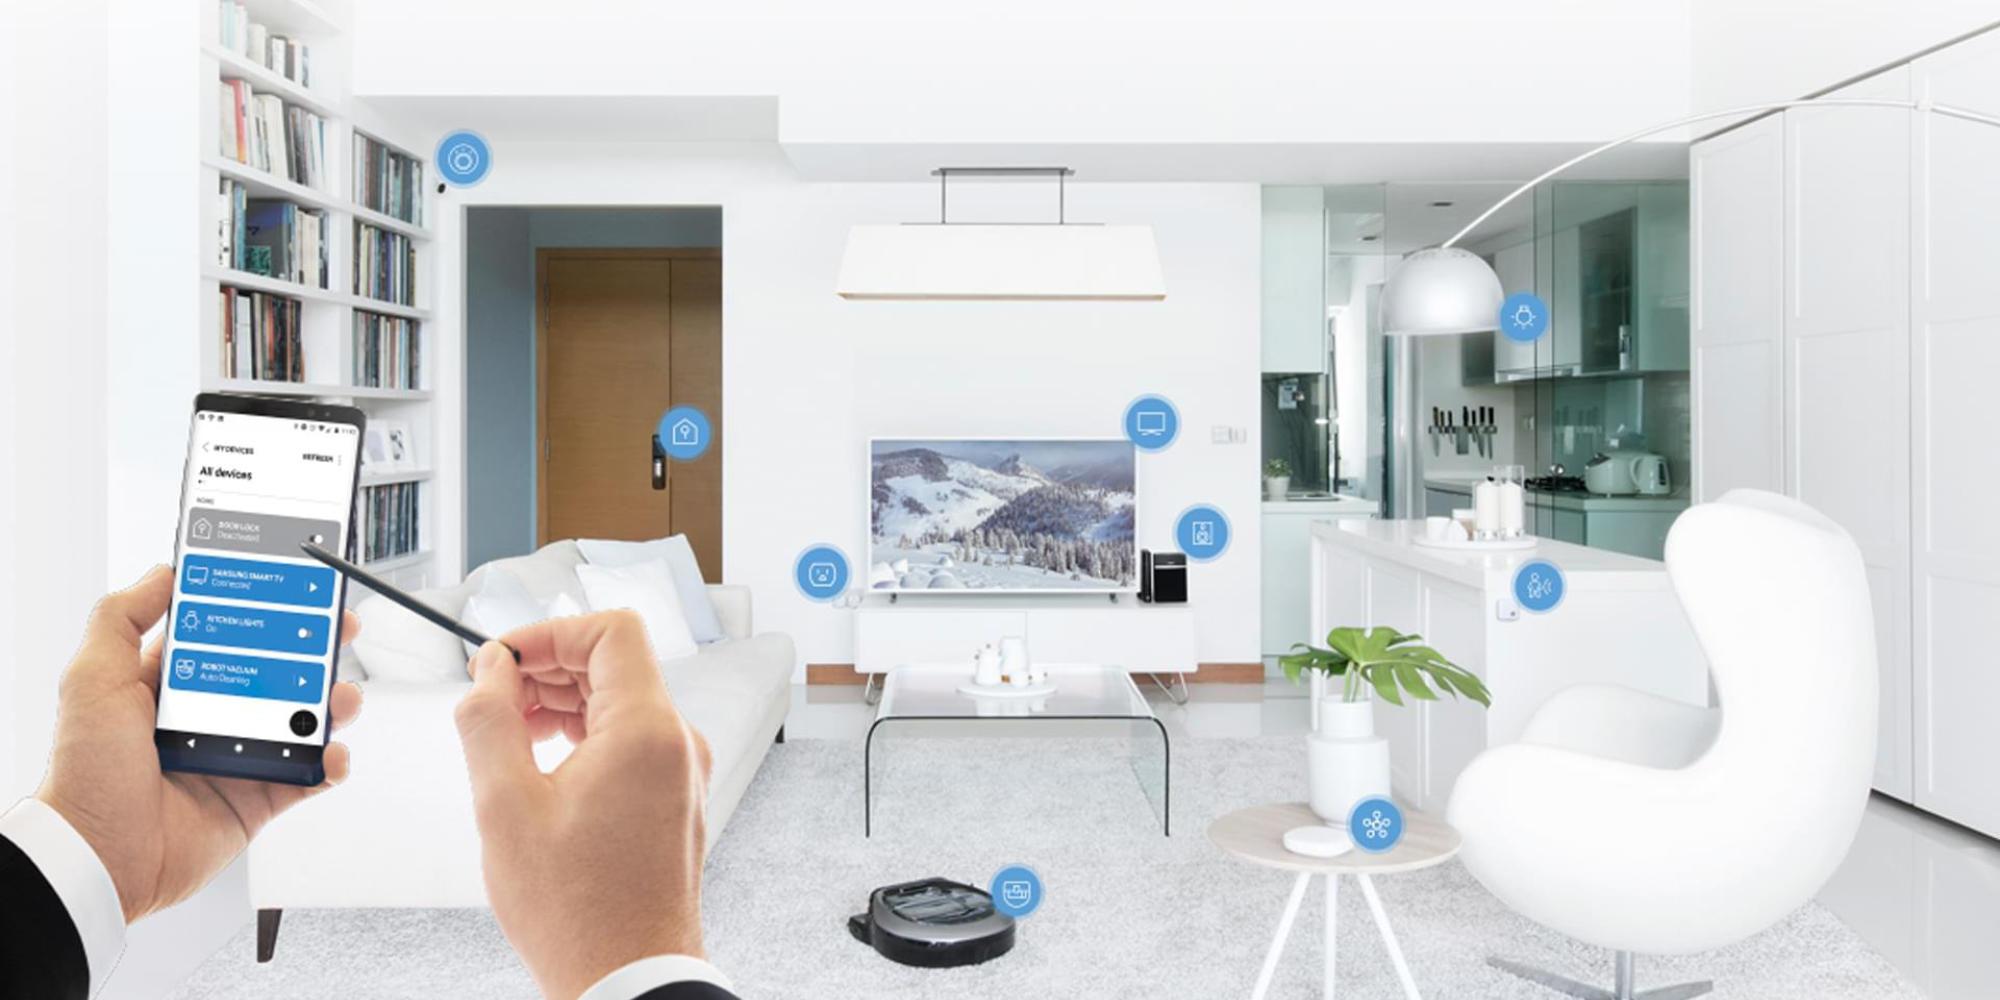 Maison connectée: des solutions technologiques toujours plus performantes